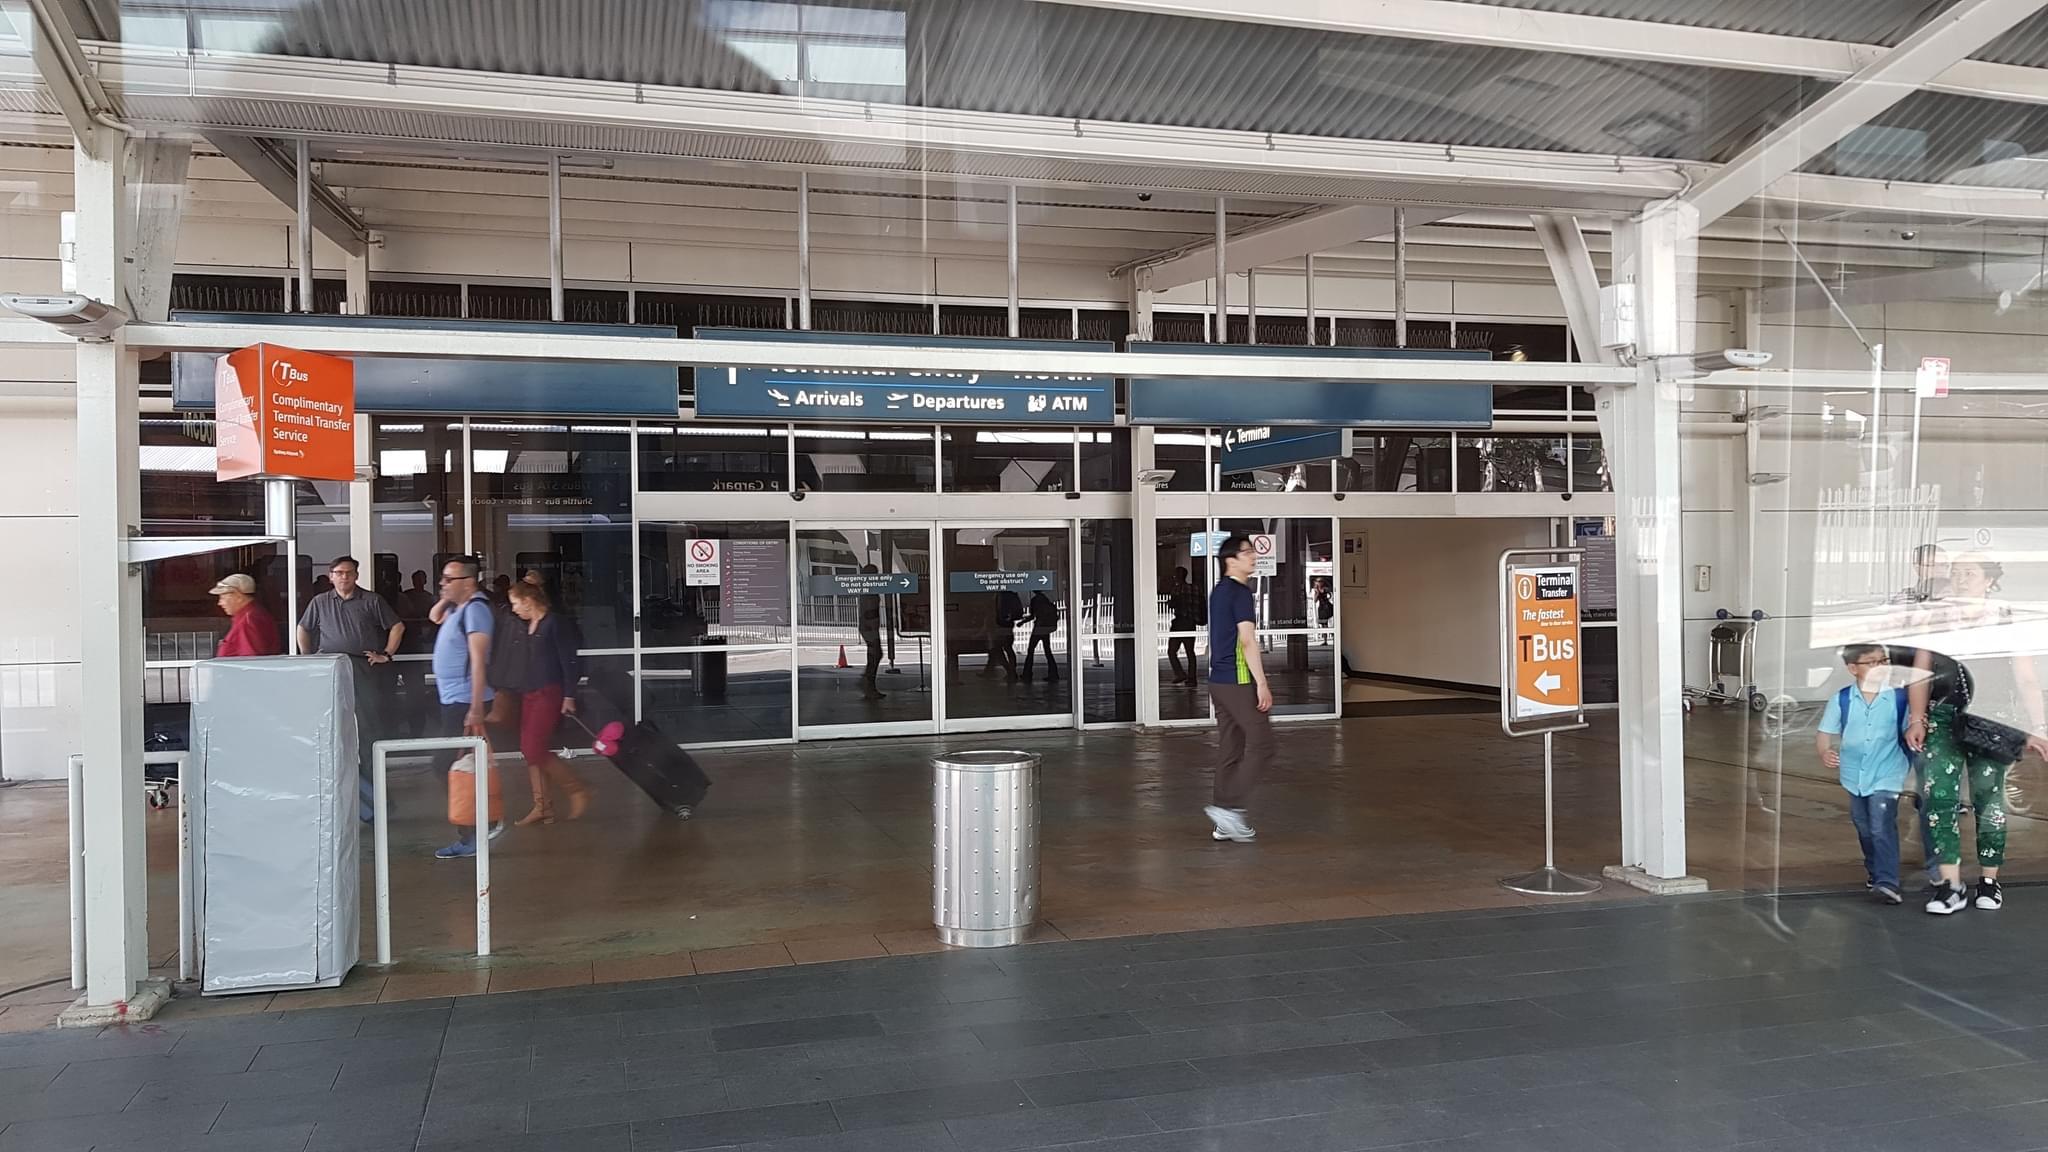 シドニー国際空港(SYD)完全ガイド!市内へのアクセスと空港での過ごし方まとめ!